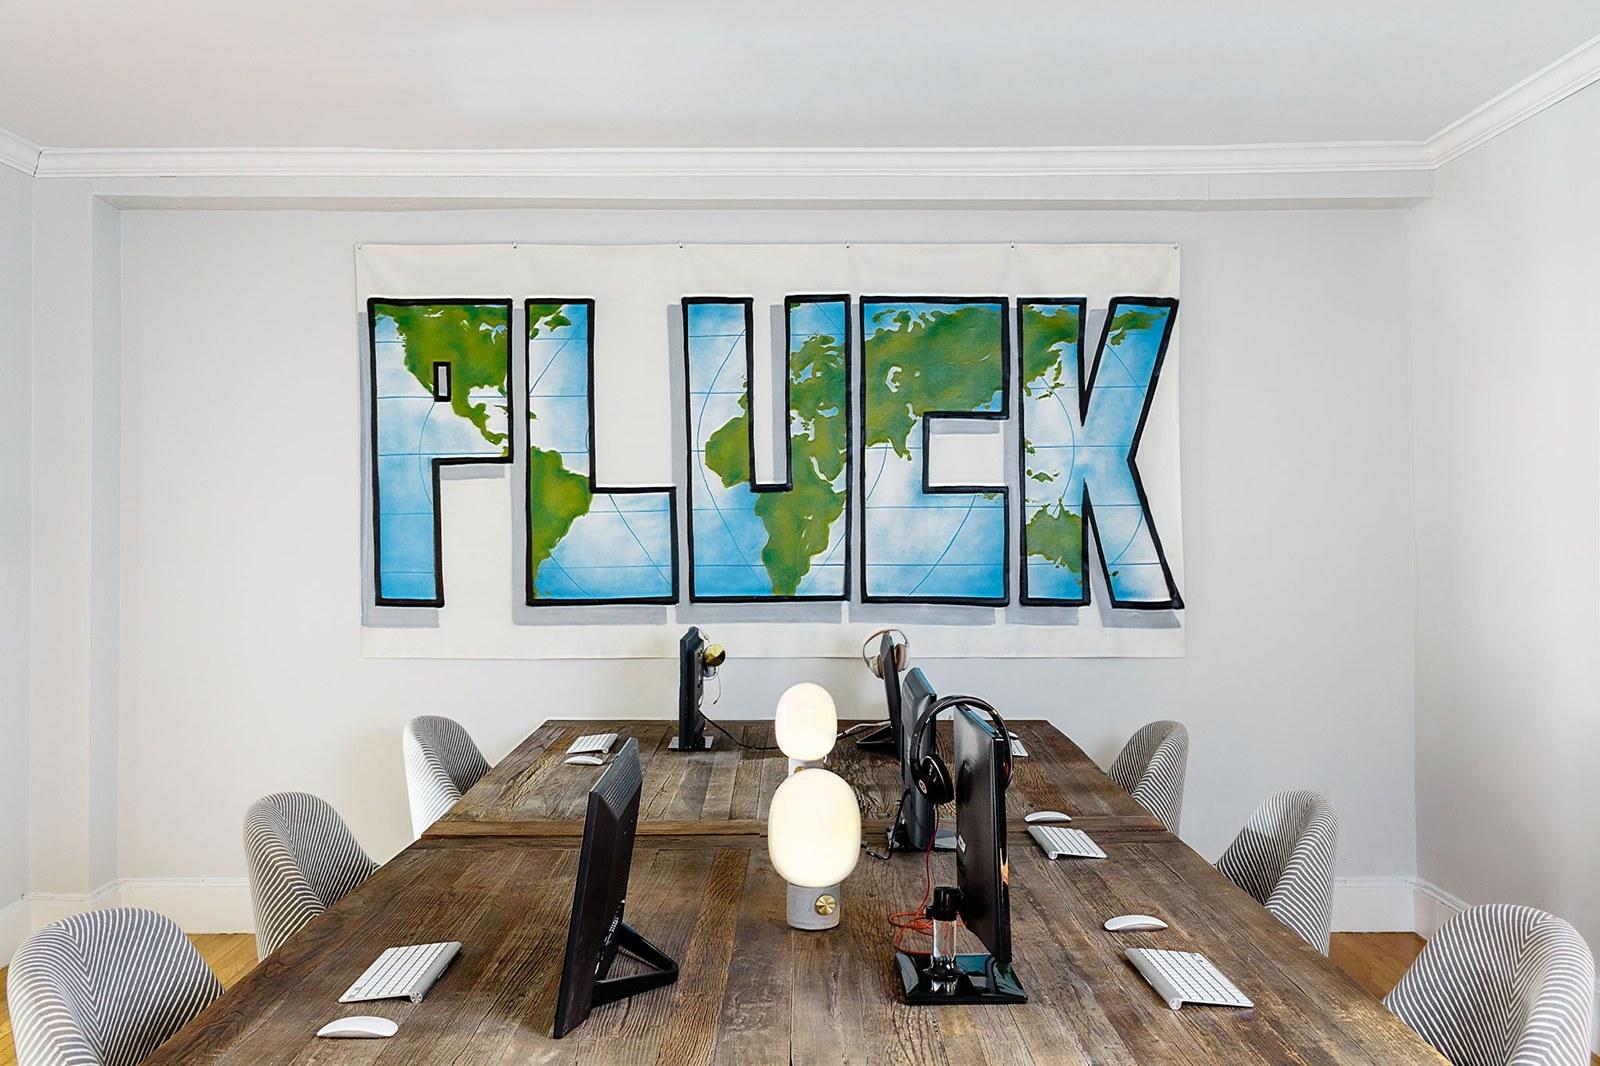 pluck-pr-office-2